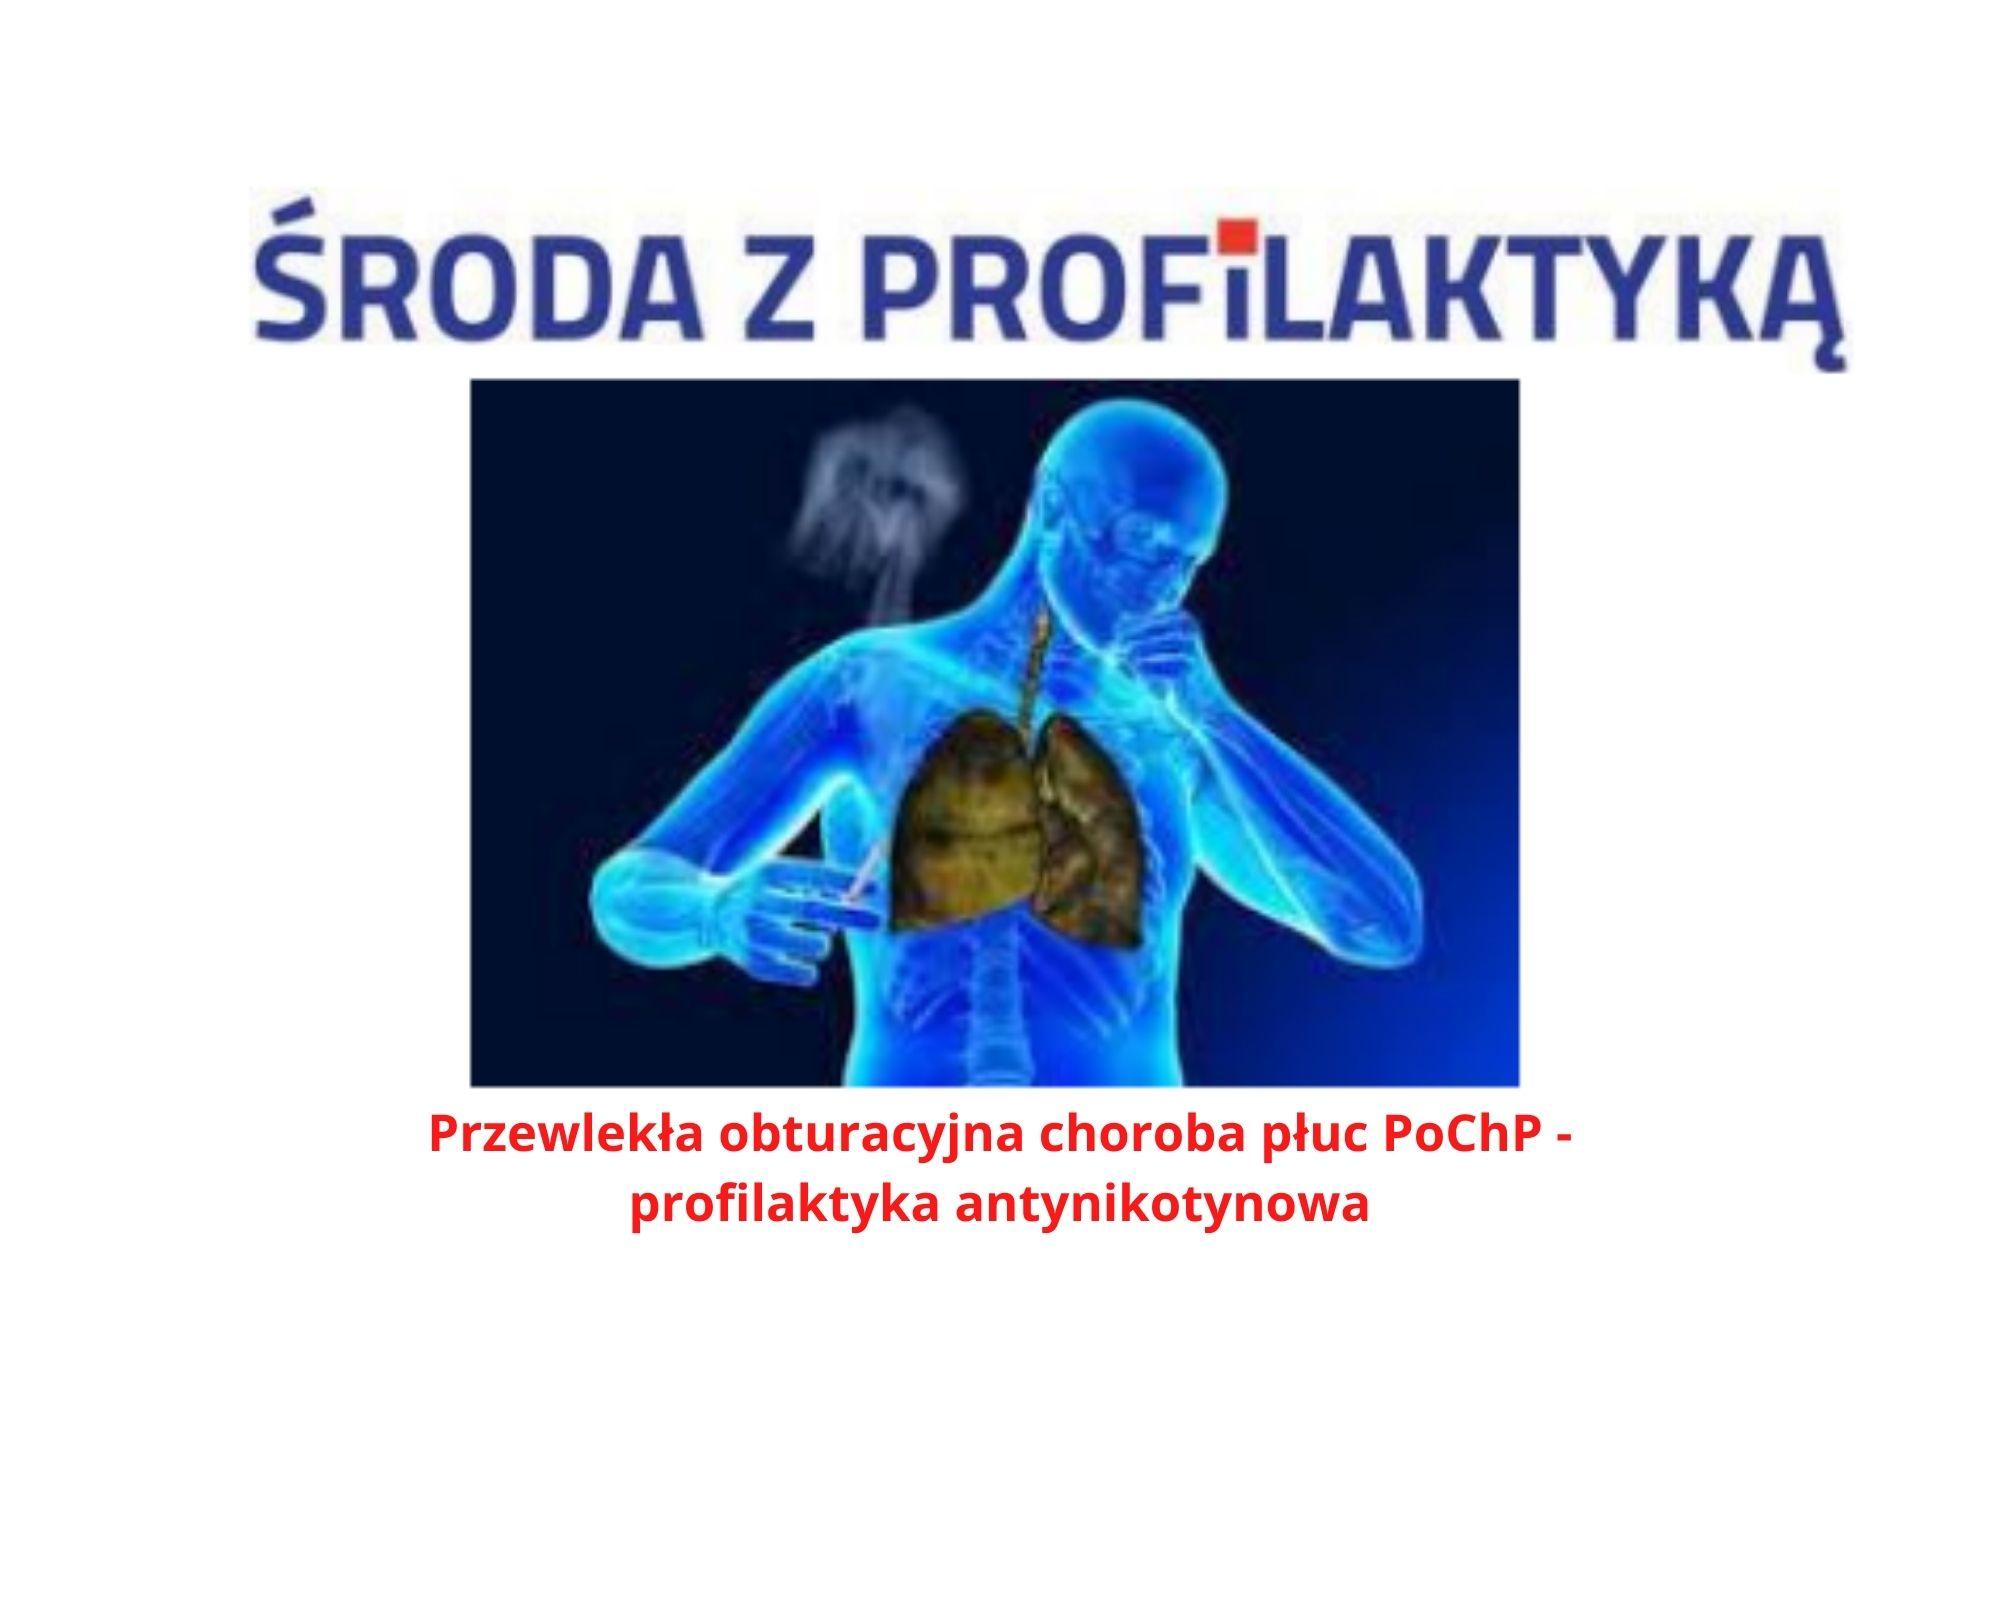 Ilustracja do informacji: Środa z profilaktyką - PoChP - profilaktyka antynikotynowa